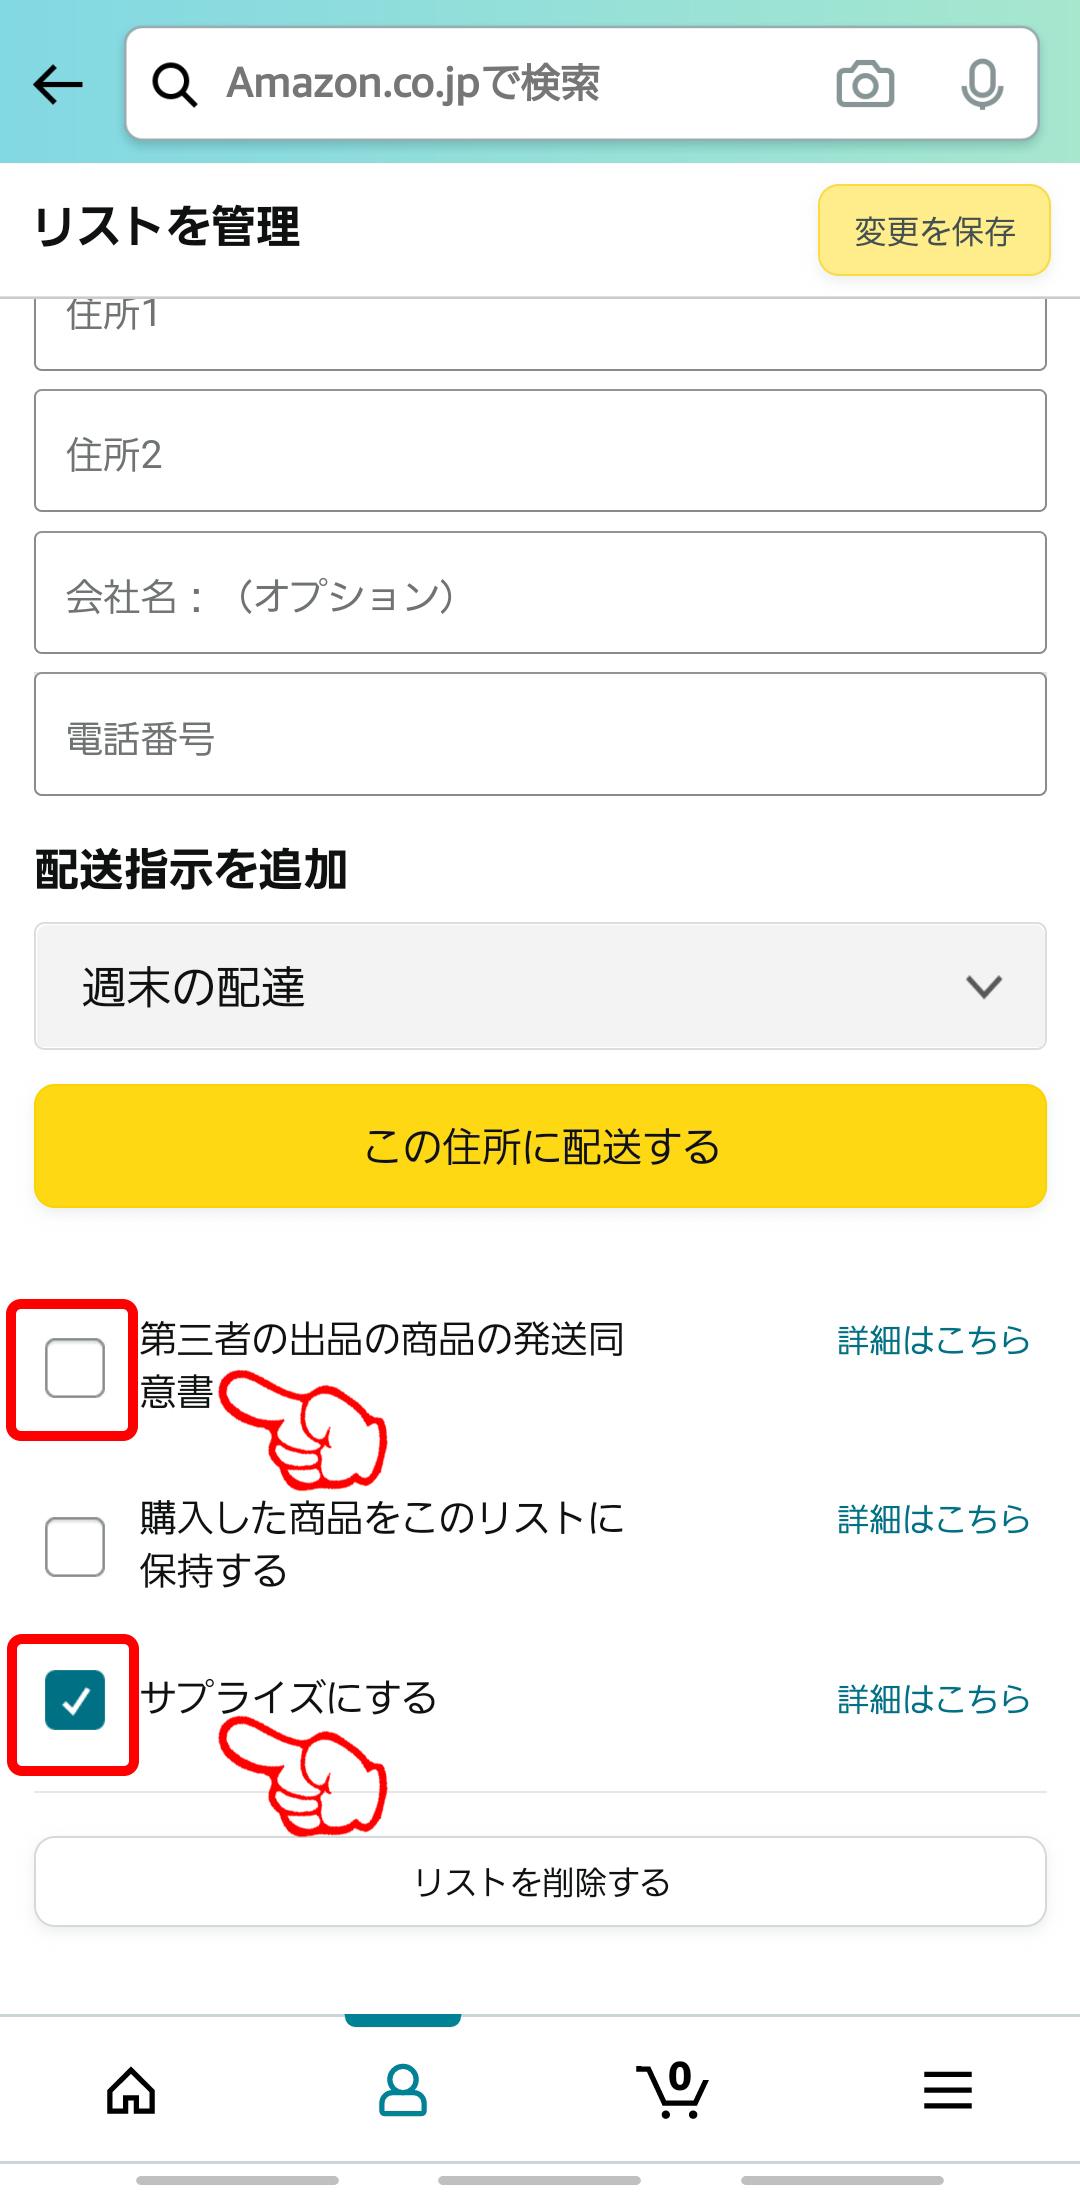 アマゾンアプリほしい物リスト作り方-11